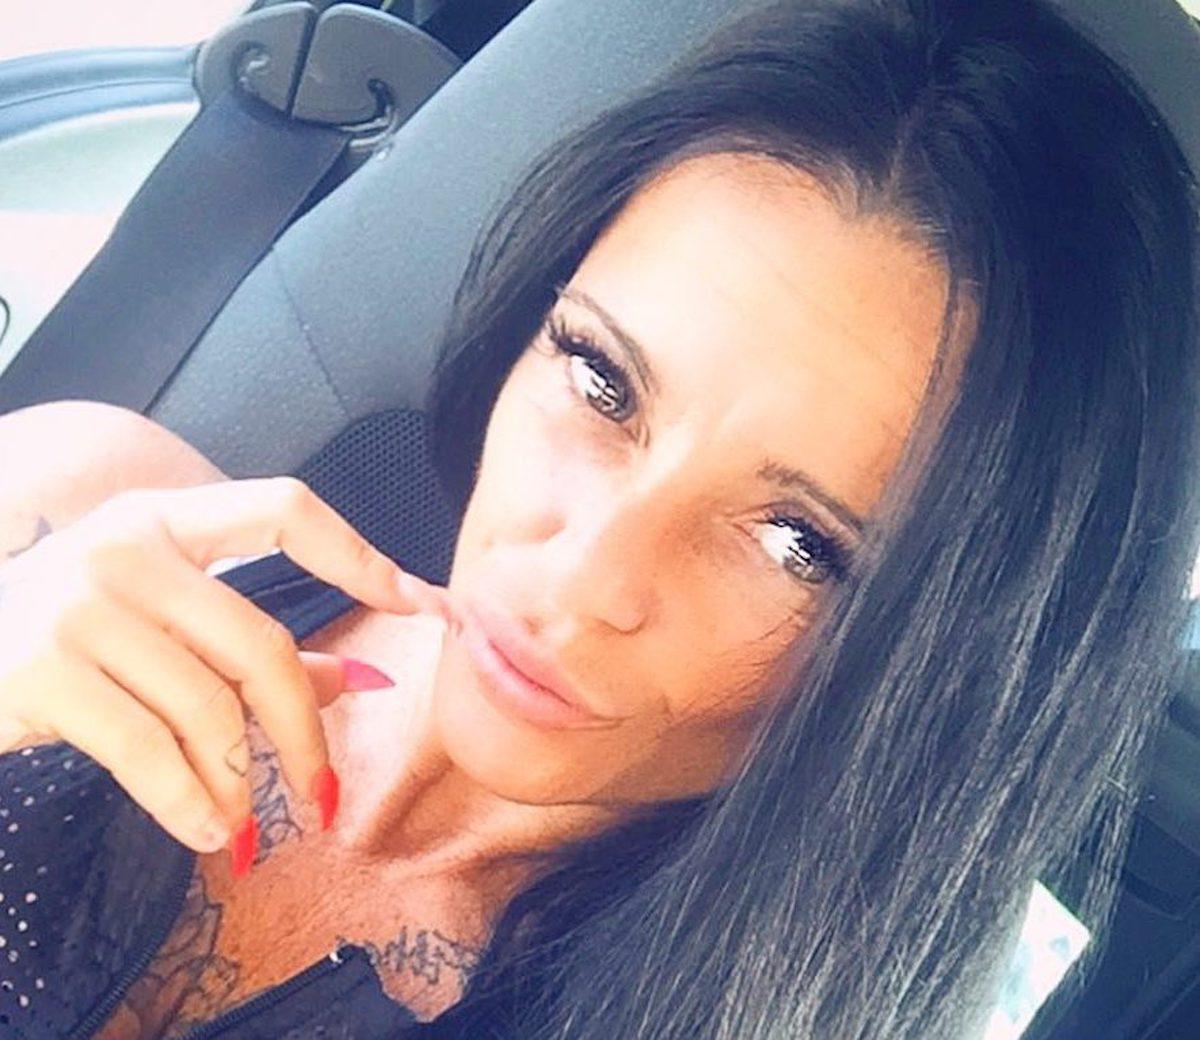 Andreia Leal Andreia Leal Denuncia 'Ex' E Lança Apelo